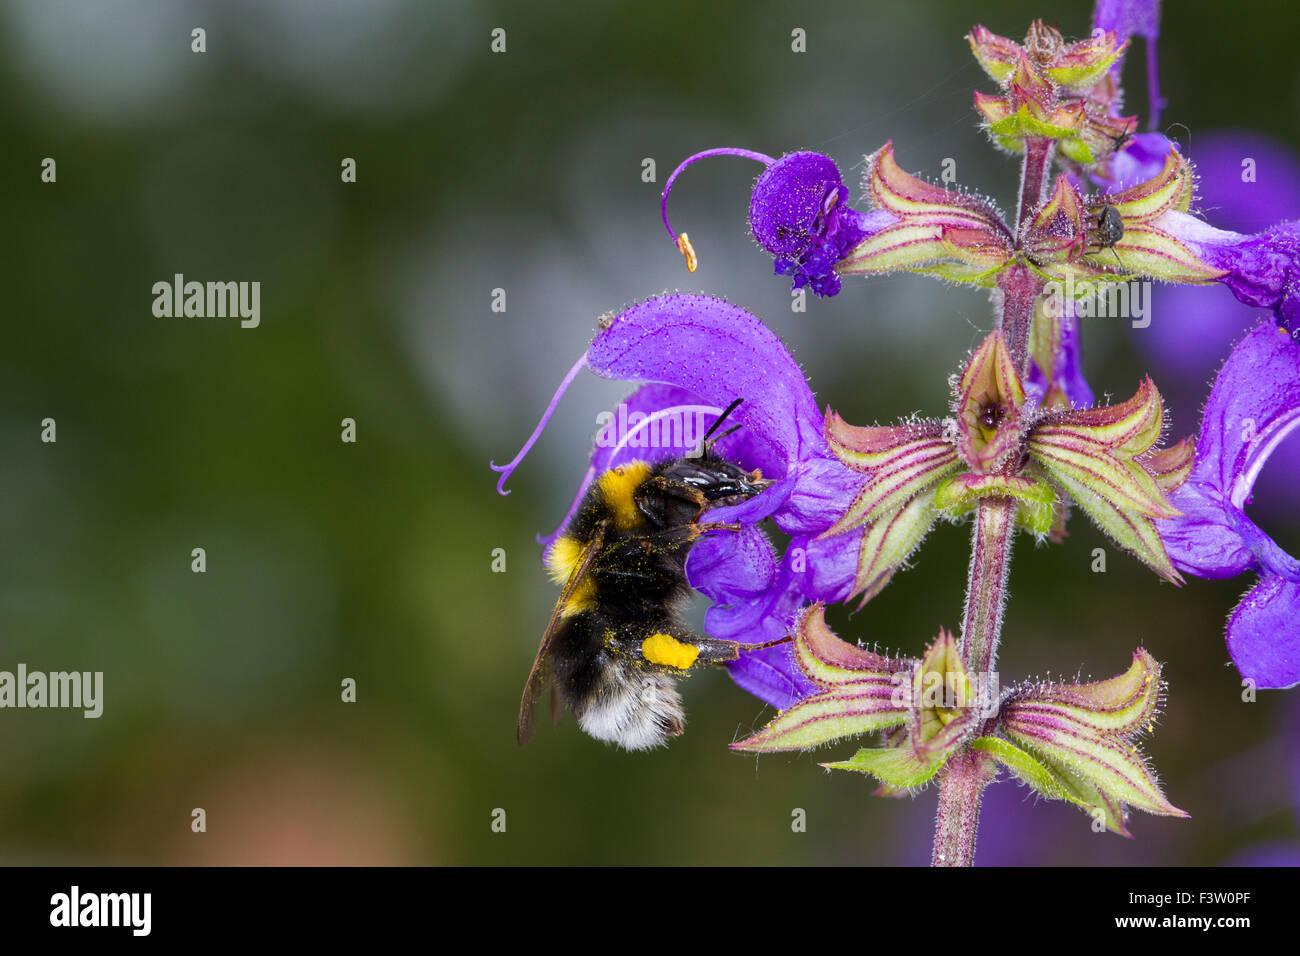 Garten Hummel (Bombus Hortorum) Erwachsenen Arbeiter auf einer Wiese Salbei (Salvia Pratensis) Blume Fütterung. Stockbild